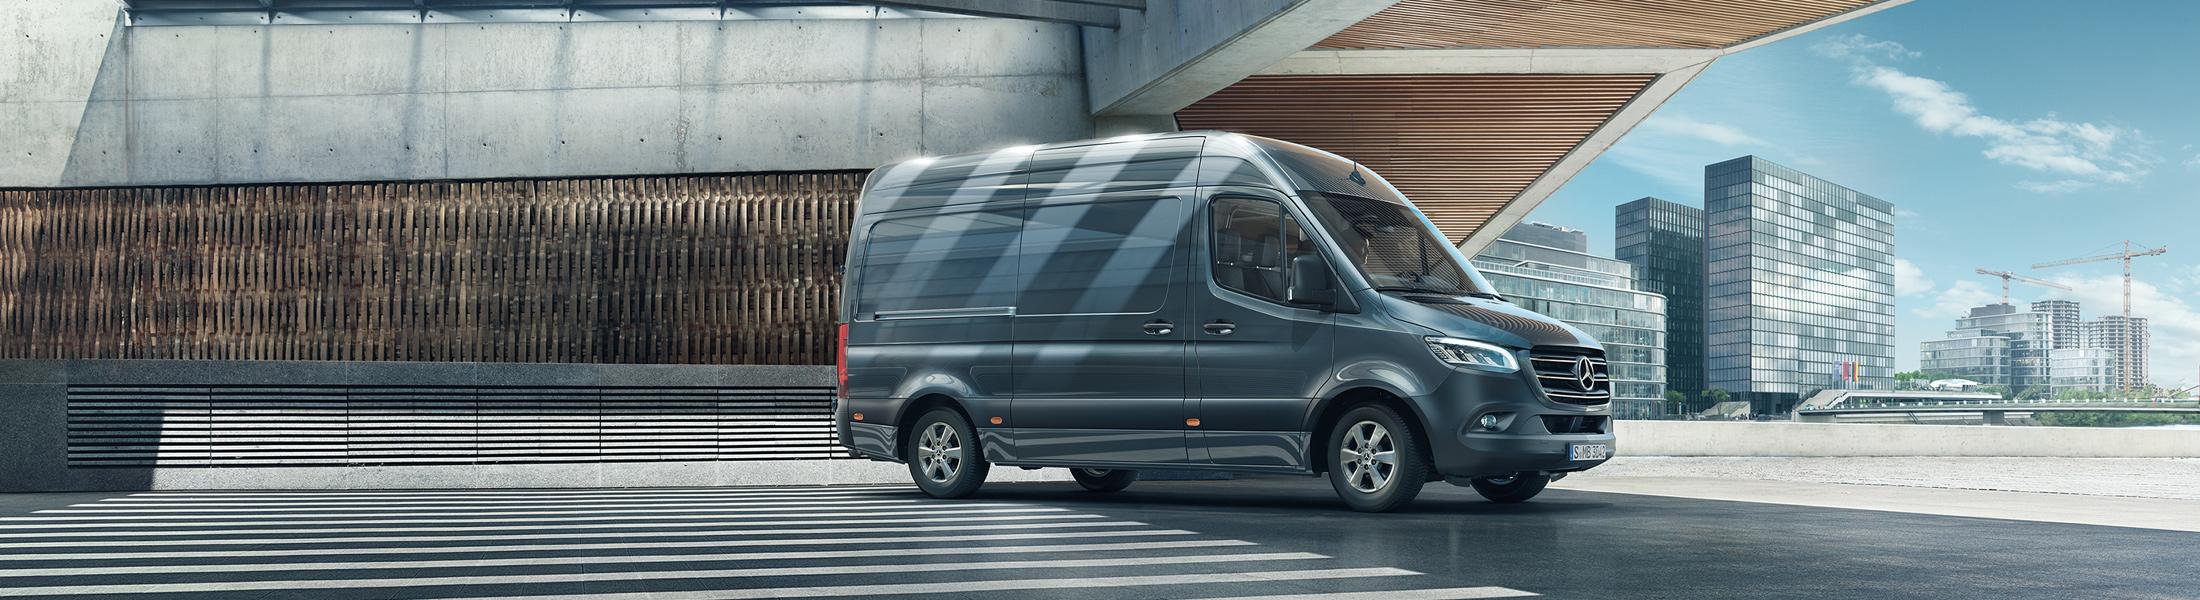 Der neue Mercedes-Benz Sprinter 2018 - Jetzt im Autohaus Paul Passau bestellen und kaufen